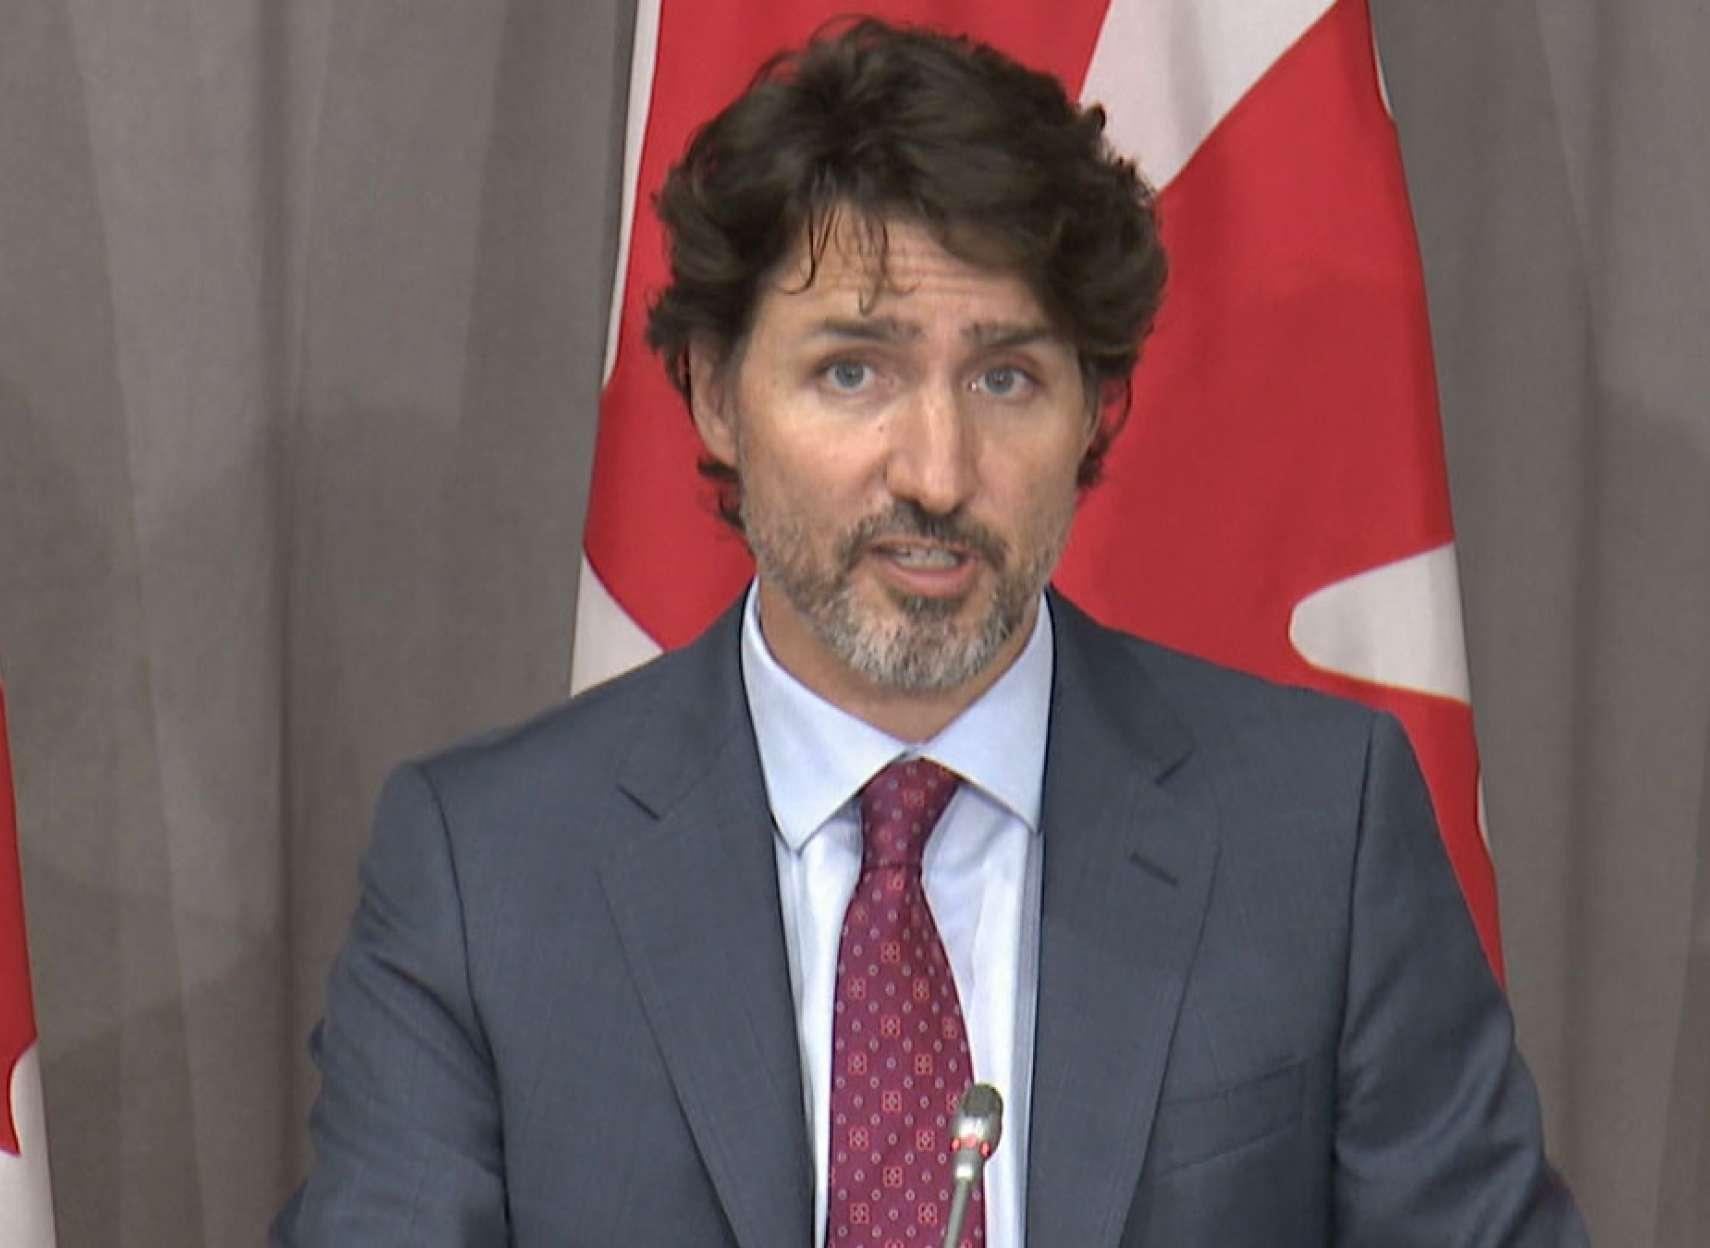 اخبار-کانادا-ترودو-برای-بازگشایی-اقتصادی-رقم-نجومی-۱۹-بیلیون-دلاری-به-استان-ها-می-دهد